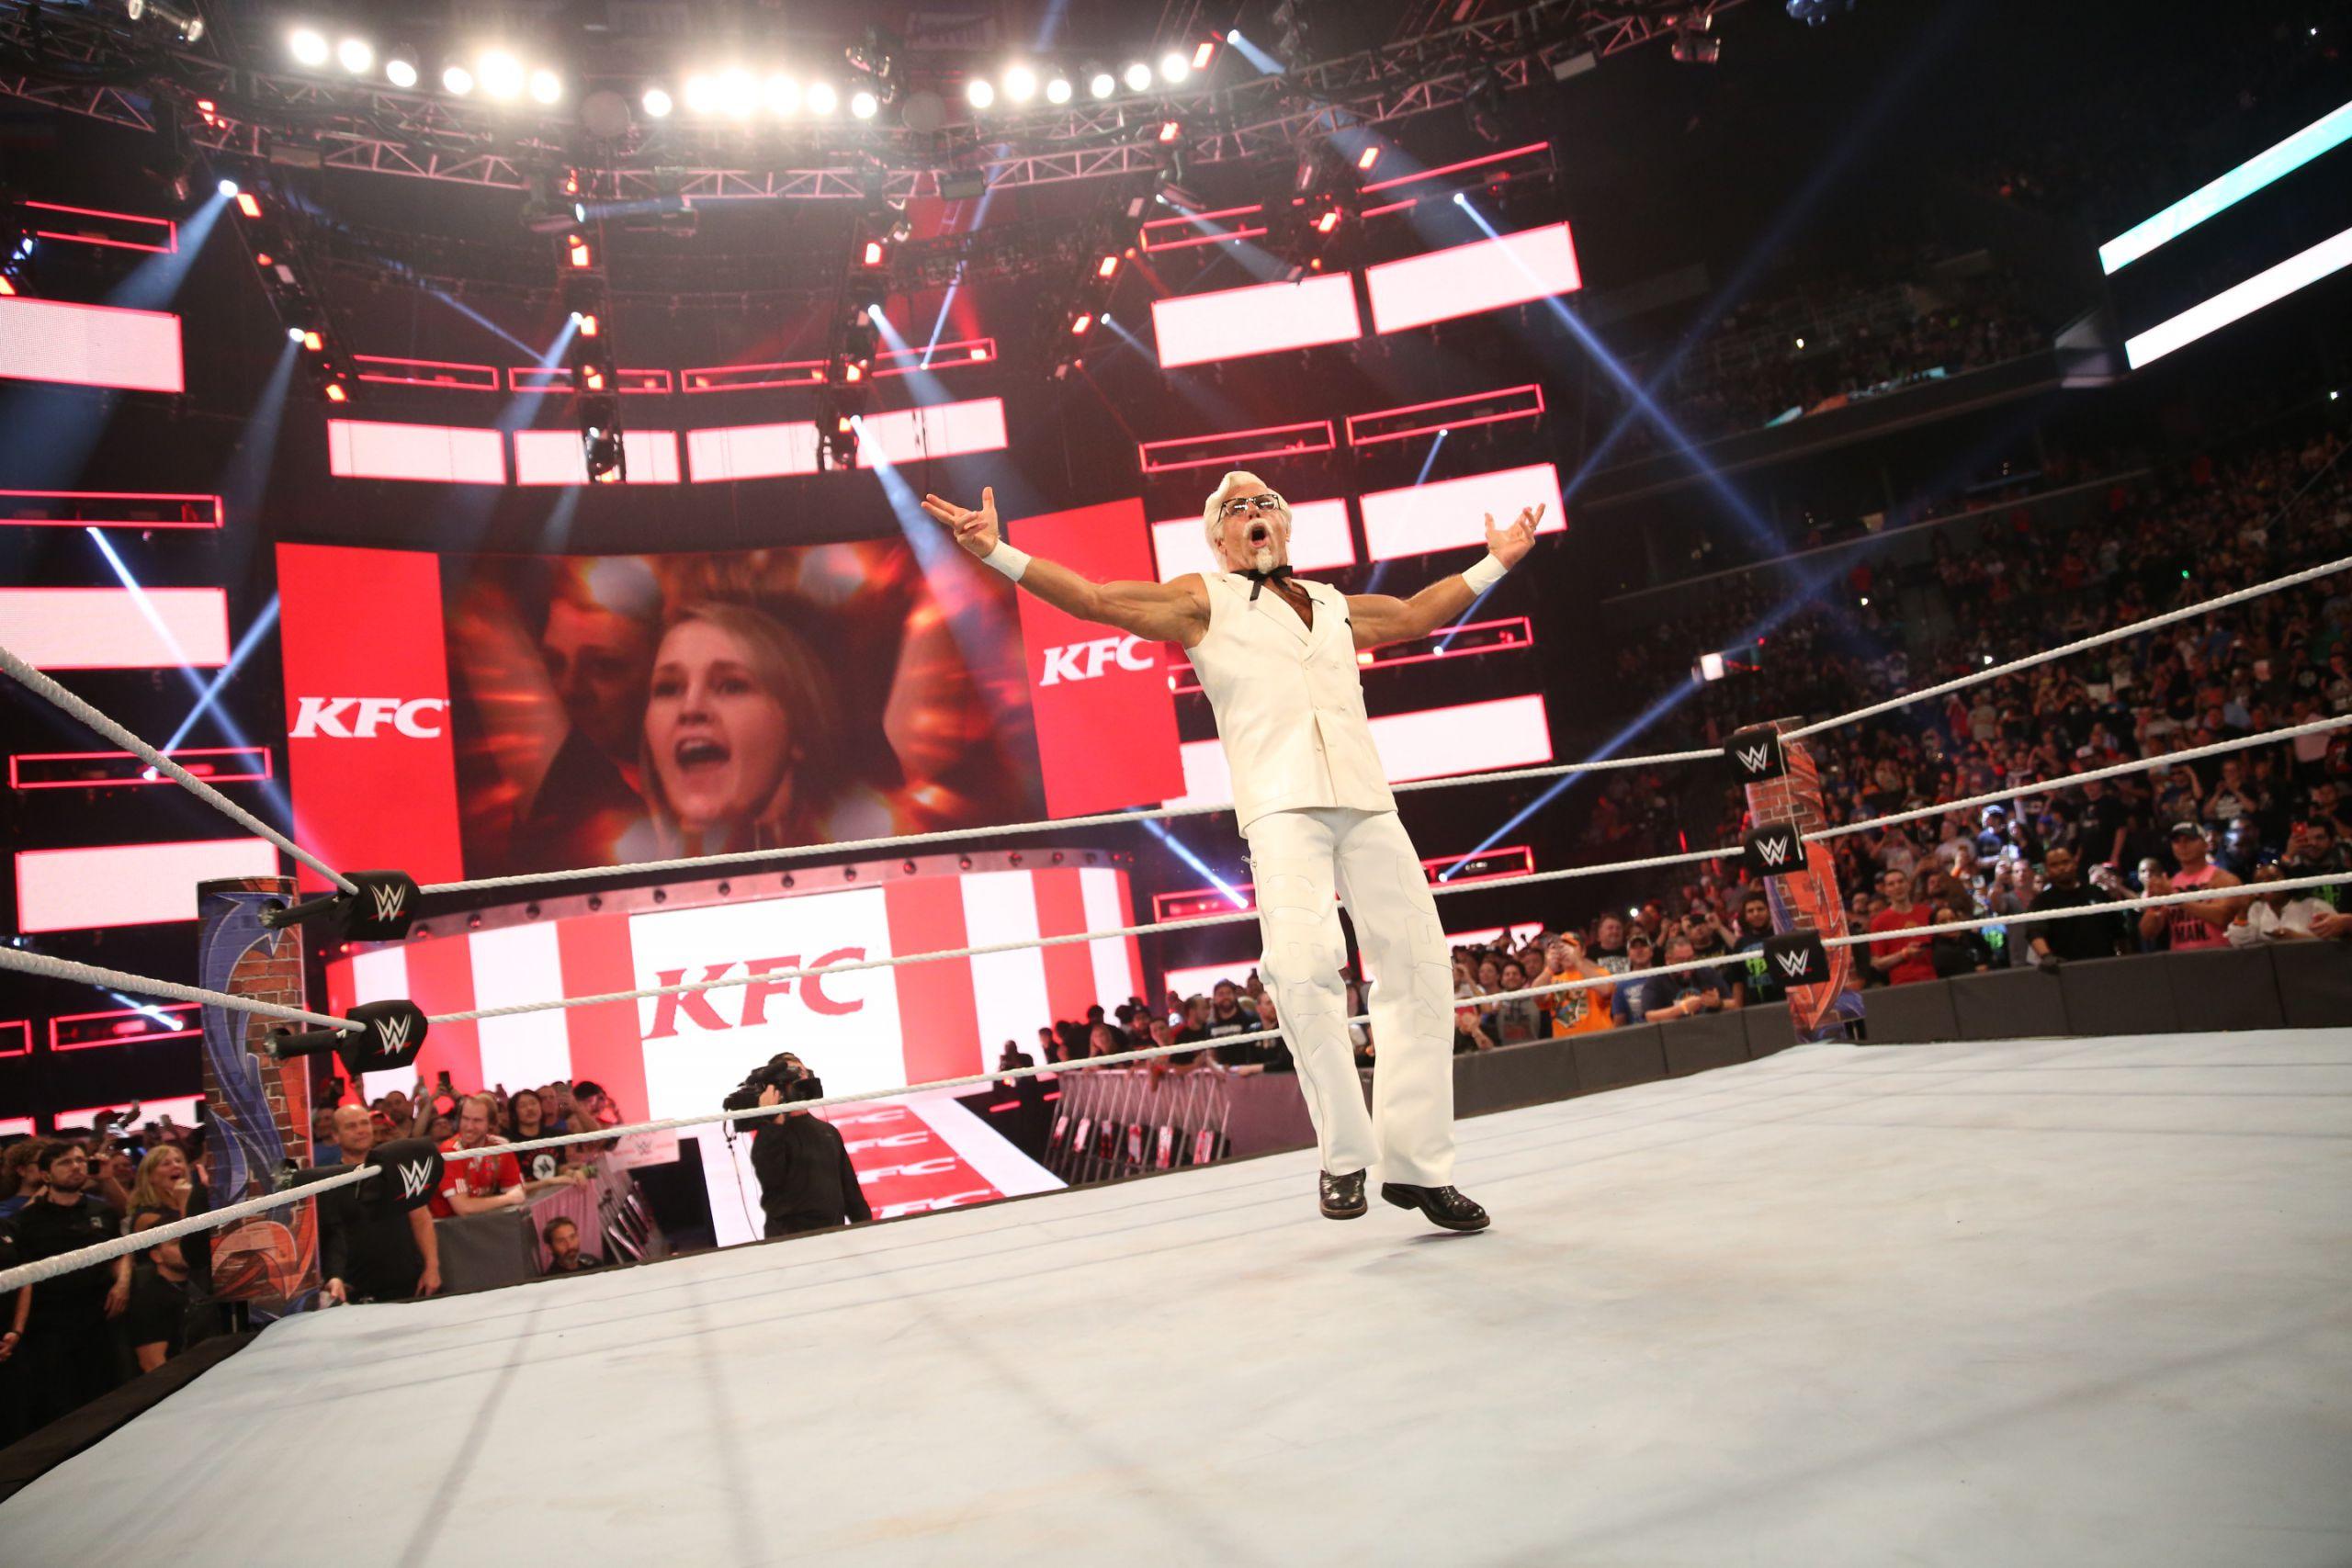 WWE KFC